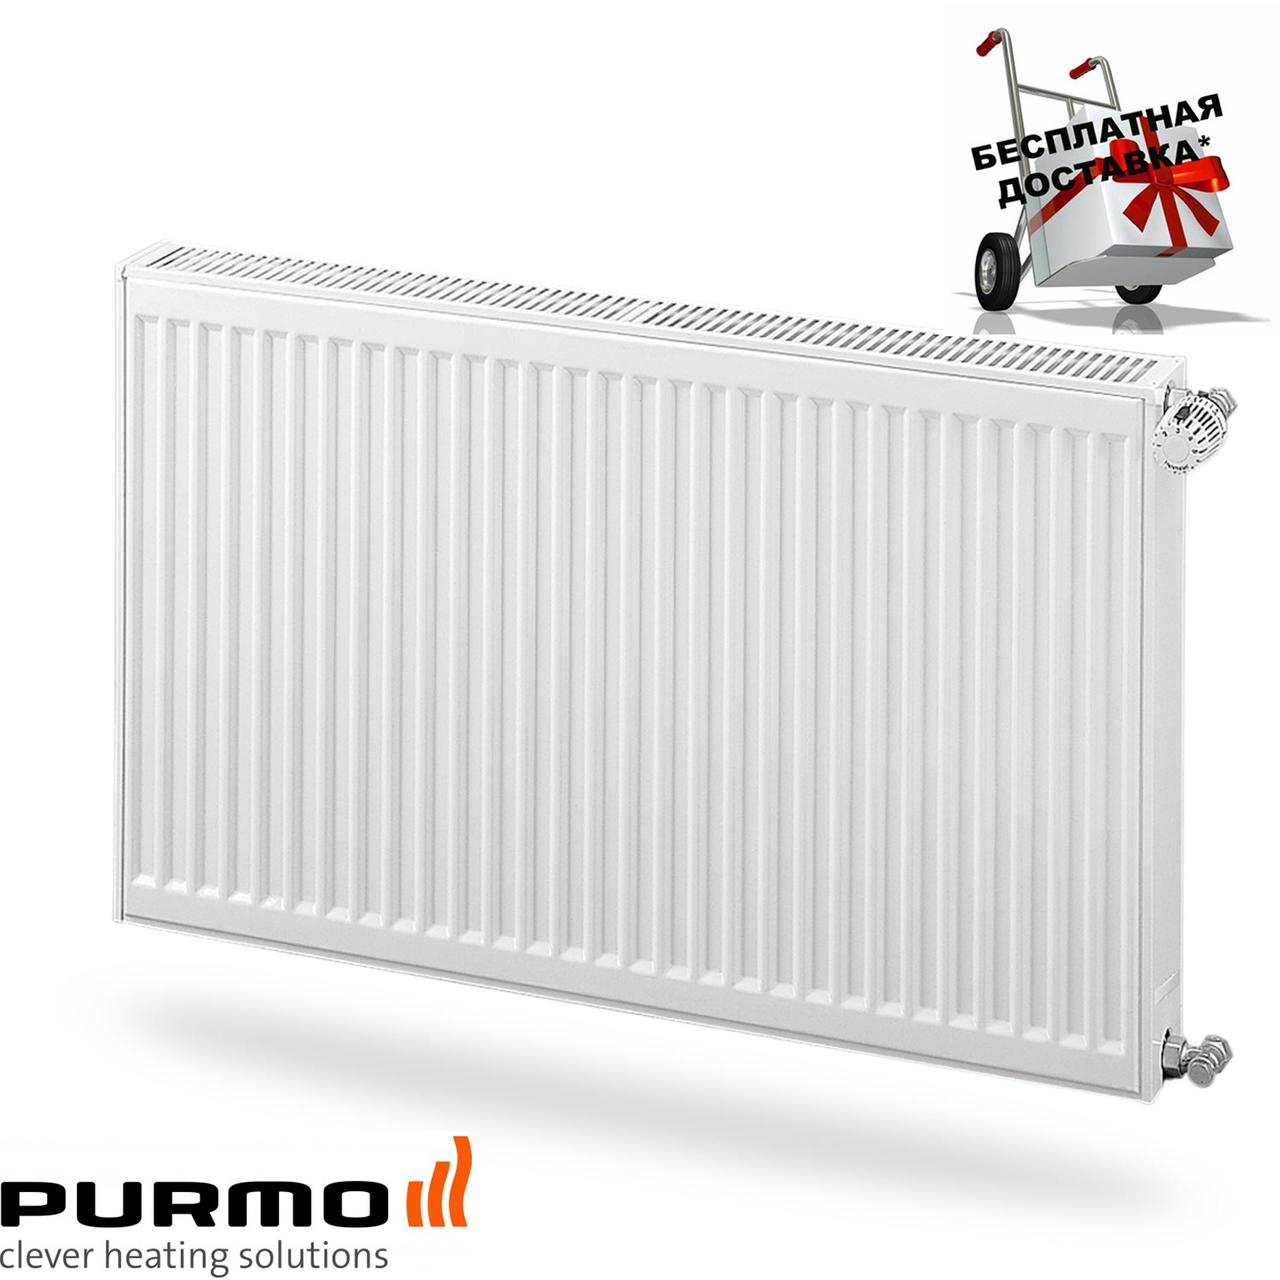 Стальной (панельный) радиатор PURMO Compact т22 500x1600 боковое подключение